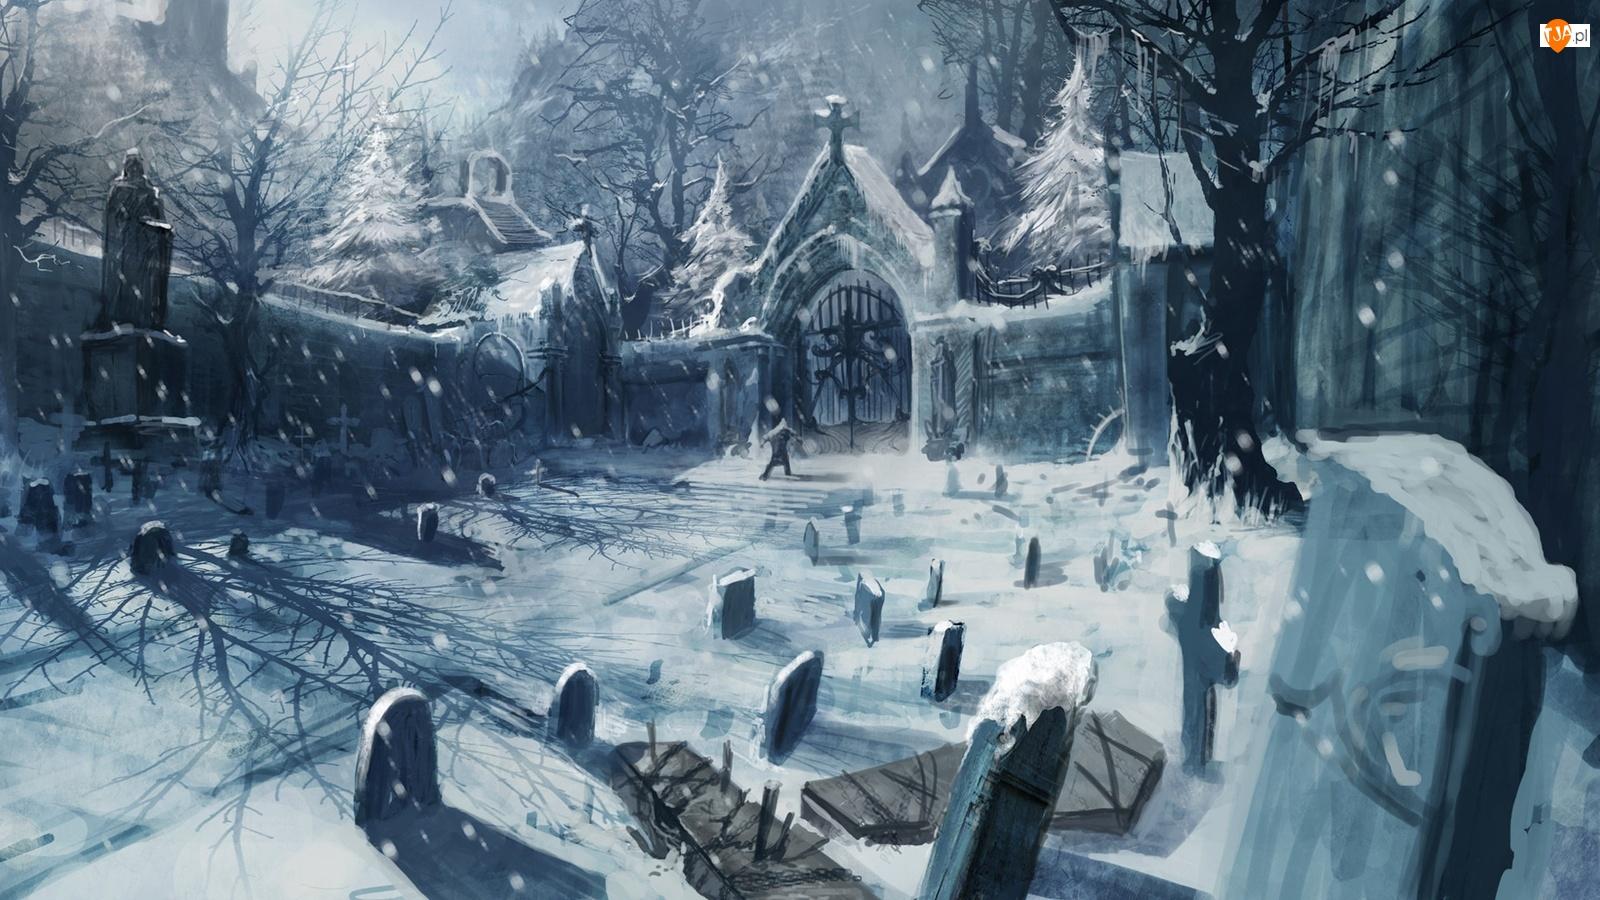 Cmentarz, Zima, Śnieg